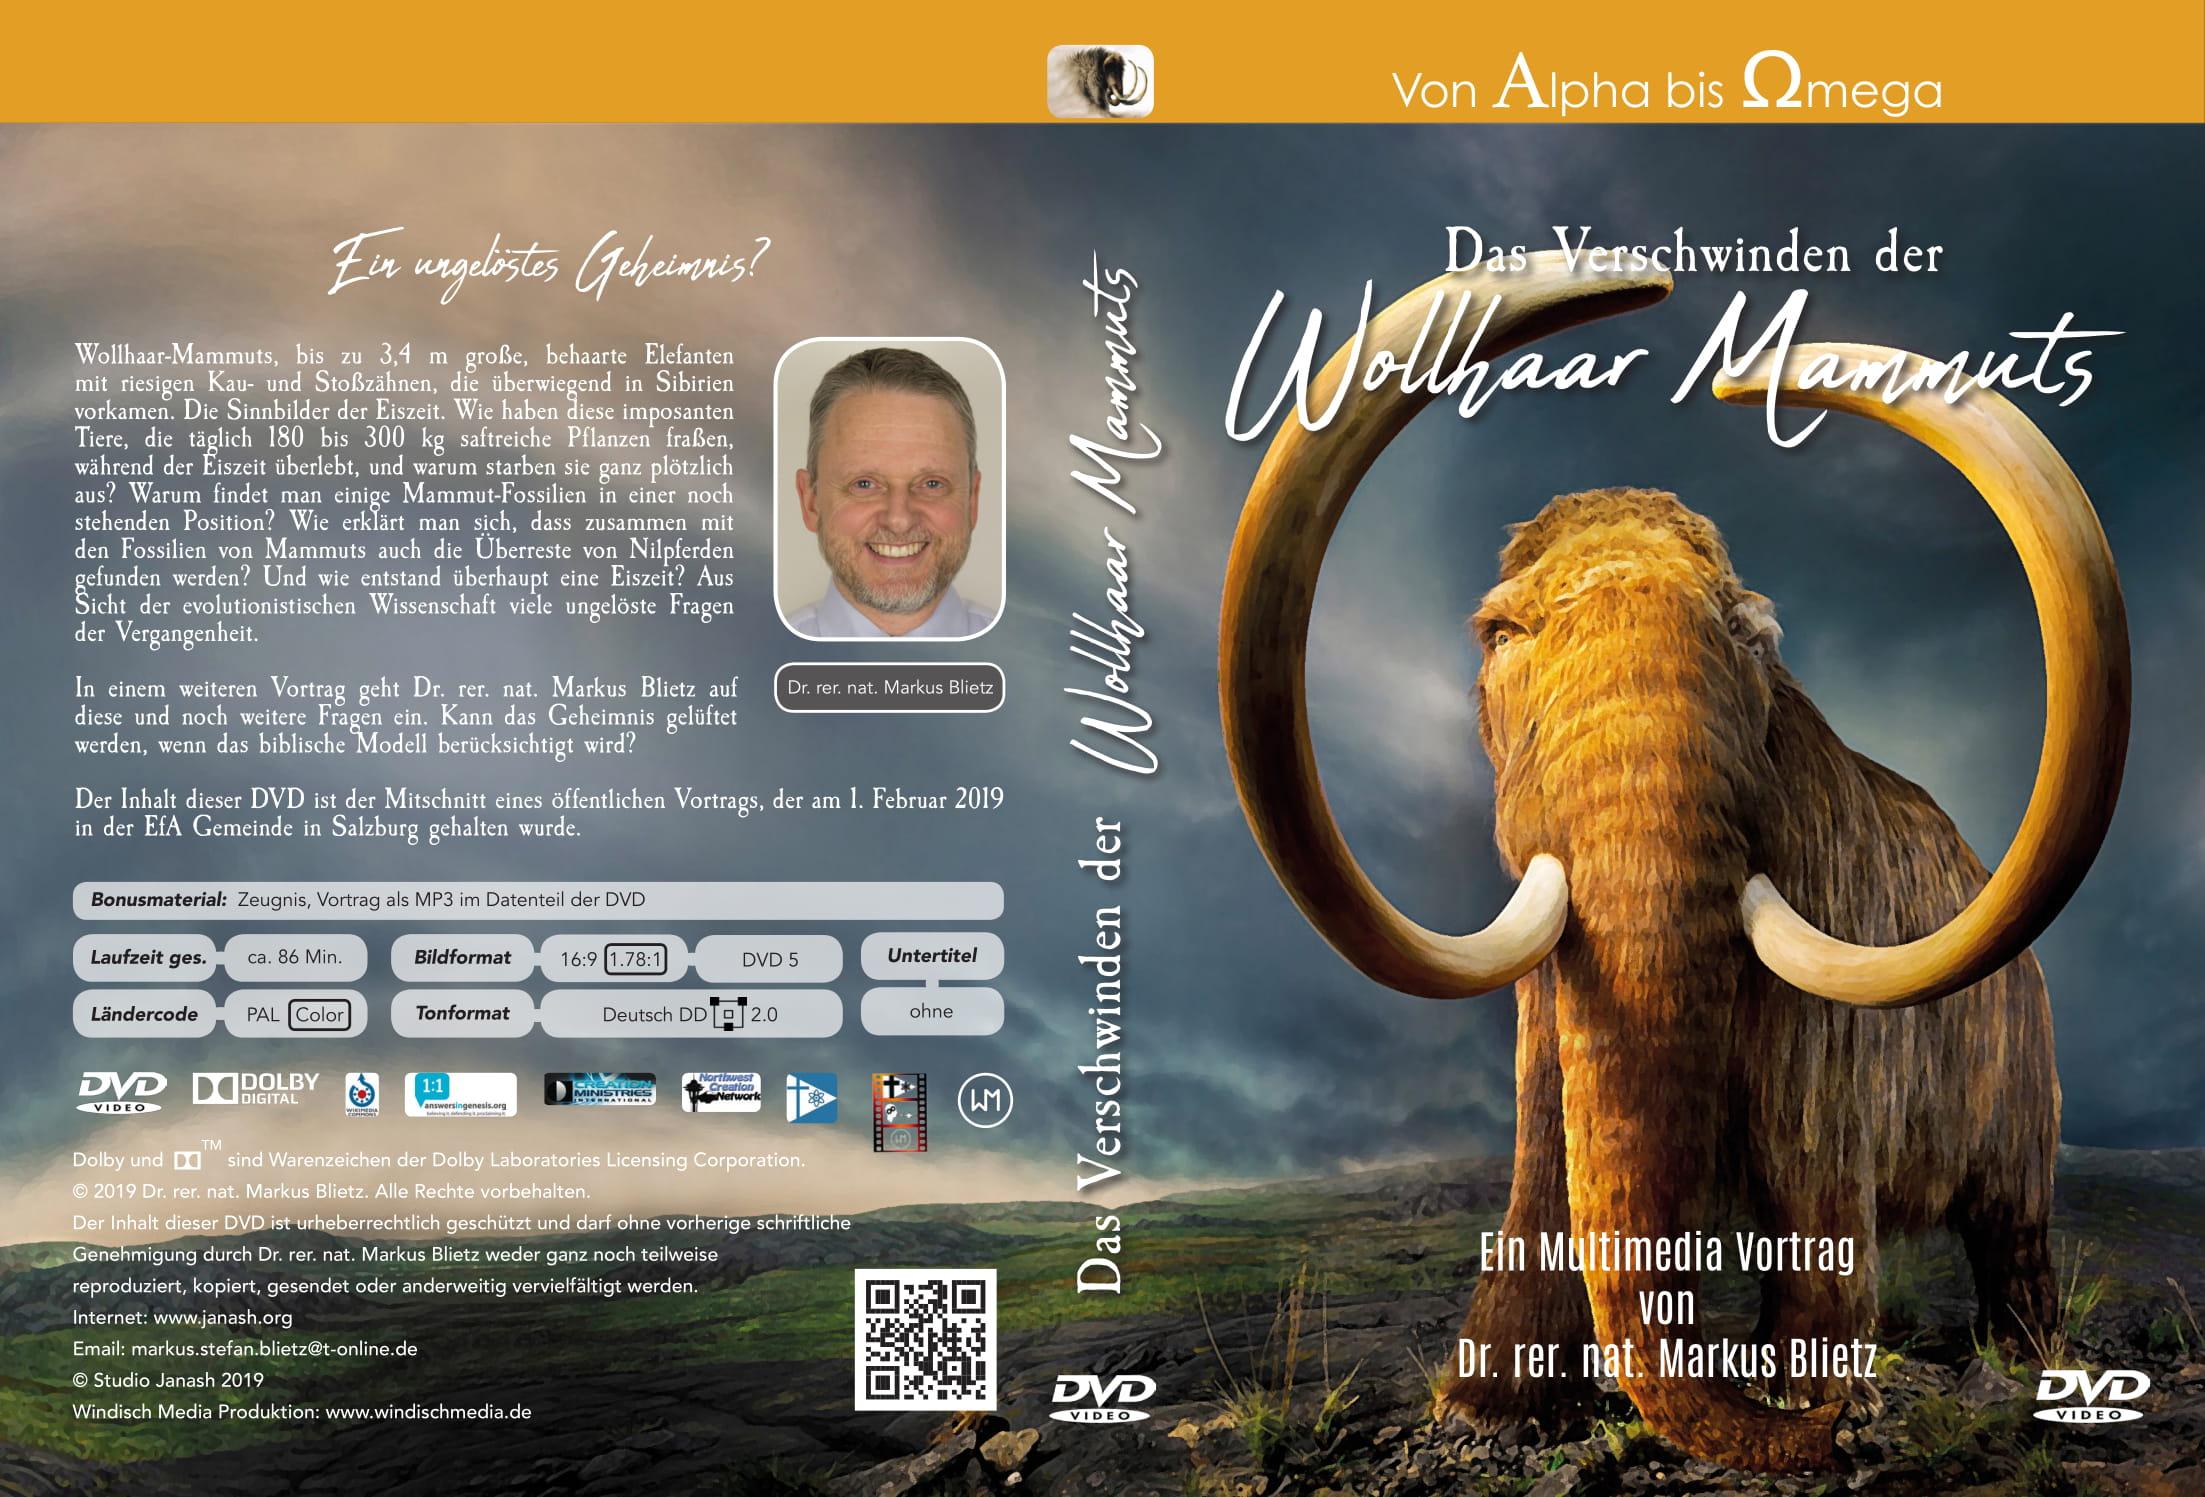 Das Verschwinden der Wollhaar Mammuts - DVD.jpg